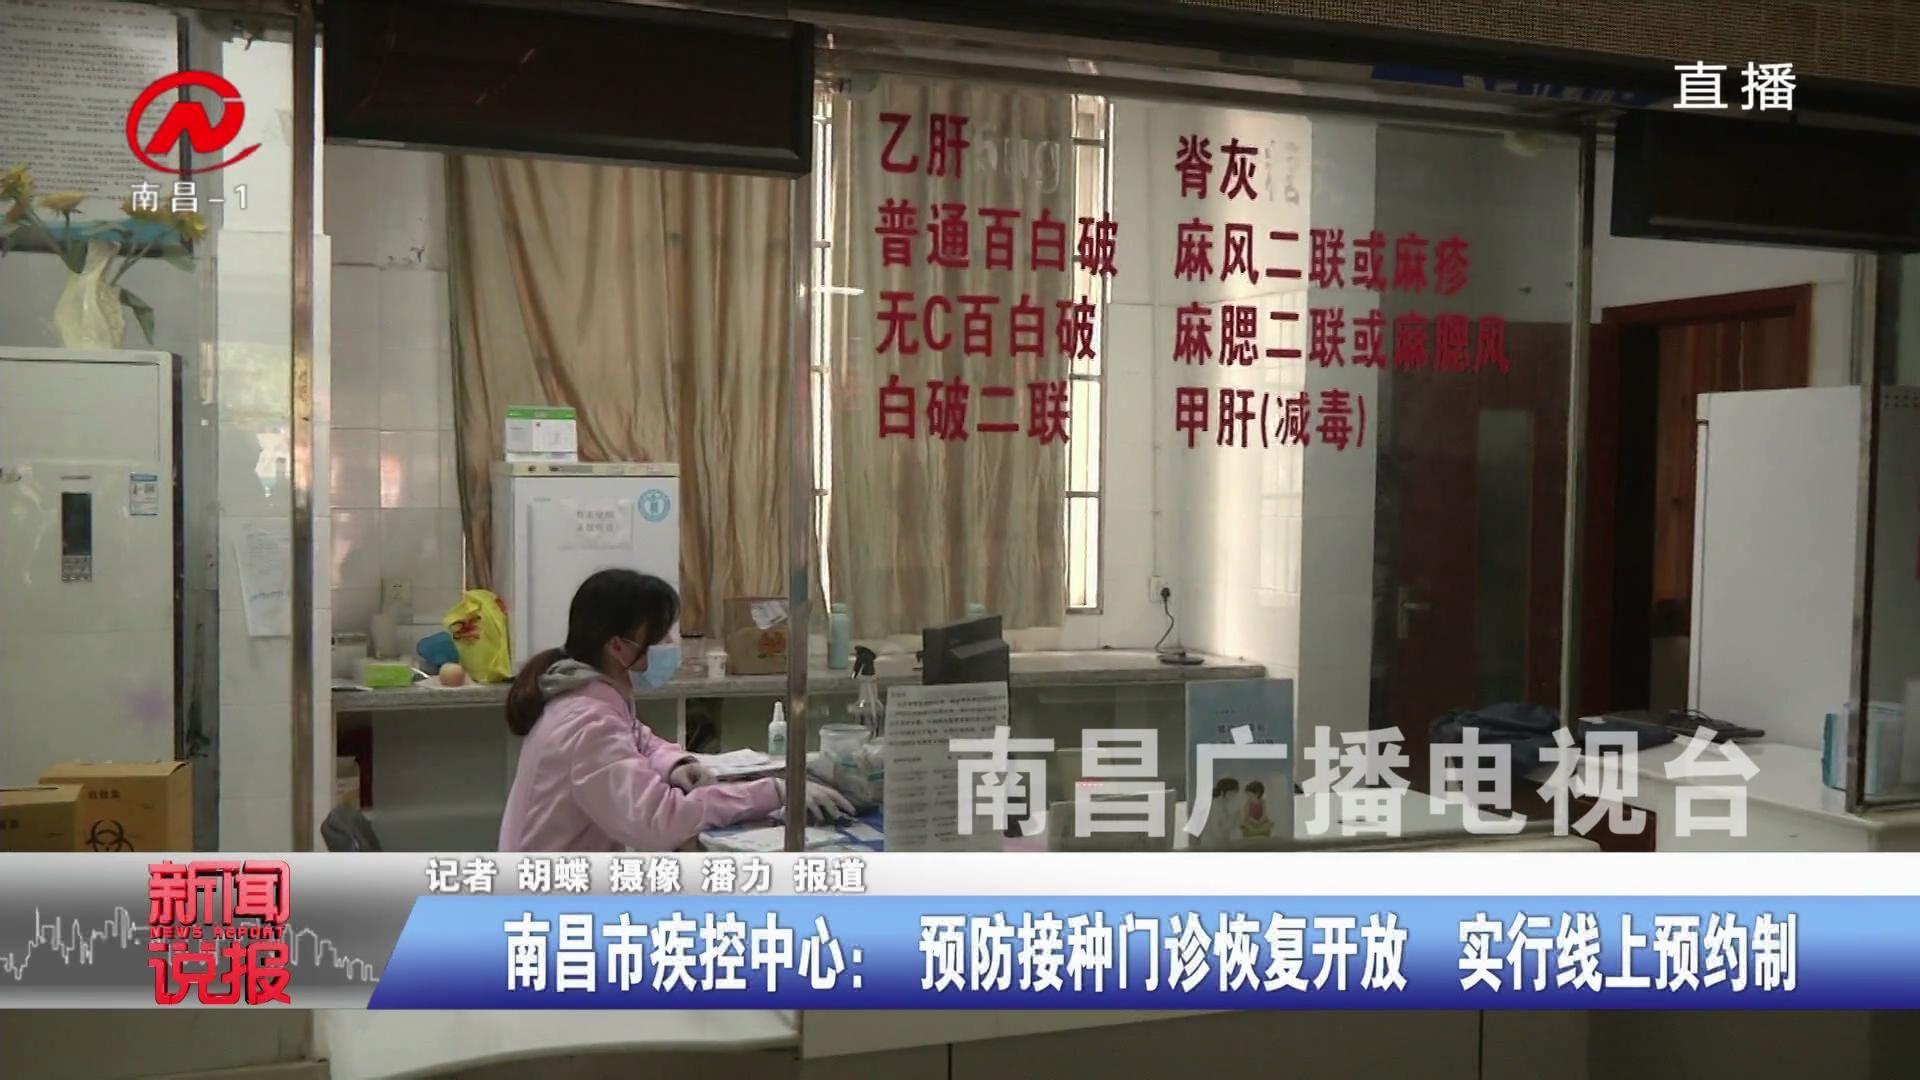 南昌市疾控中心:预防接种门诊恢复开放  实行线上预约制